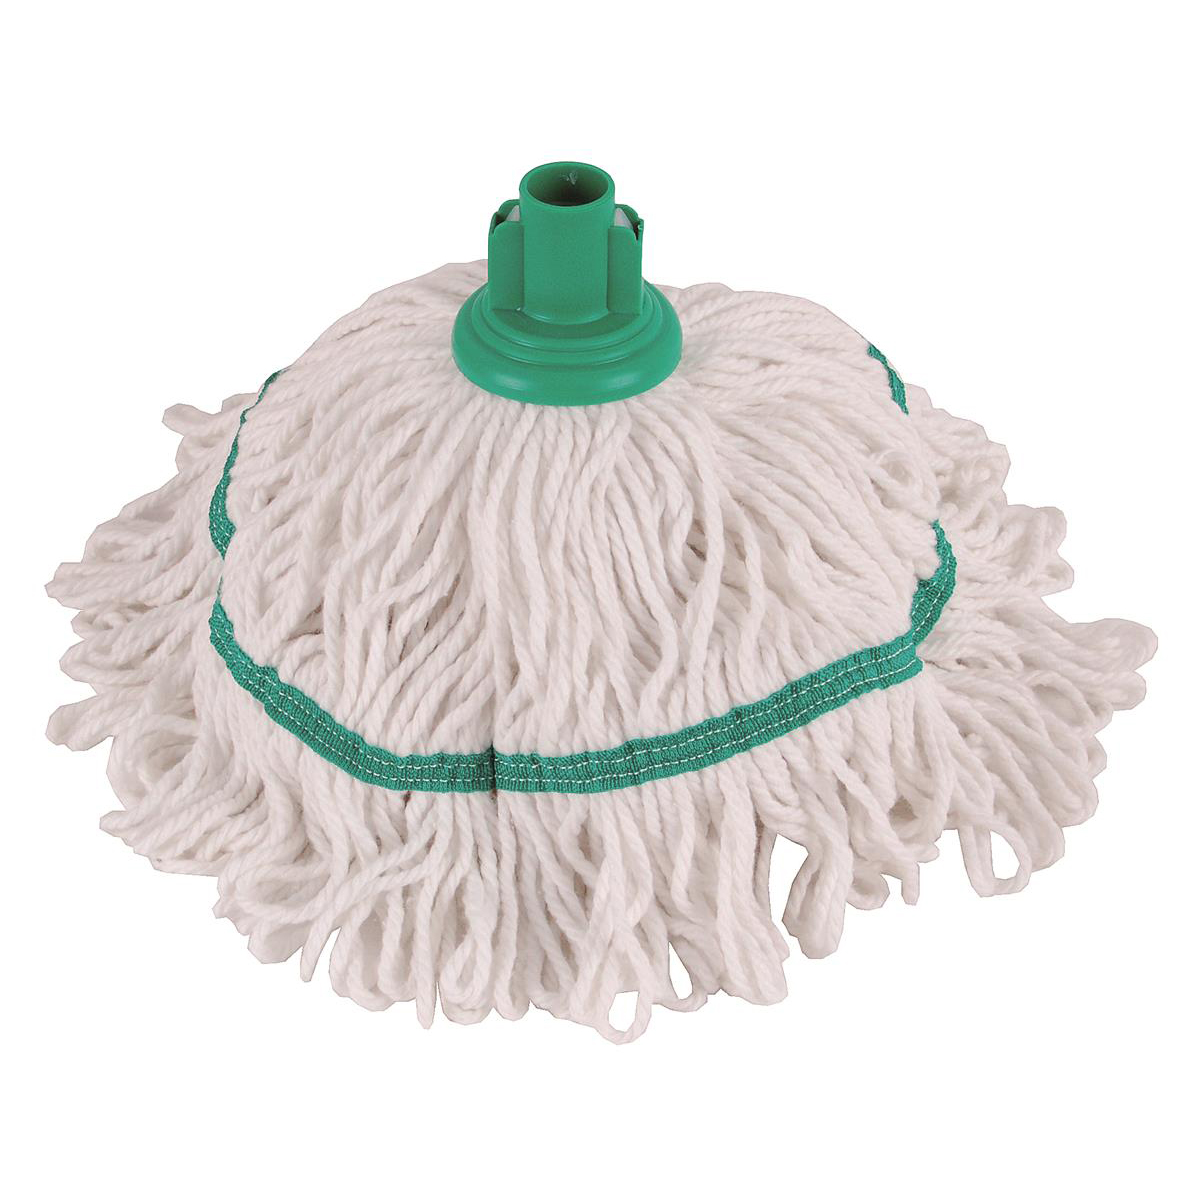 Robert Scott & Sons Hygiemix T1 Socket Cotton & Synthetic Colour-coded Mop 250g Green Ref 103064GREEN